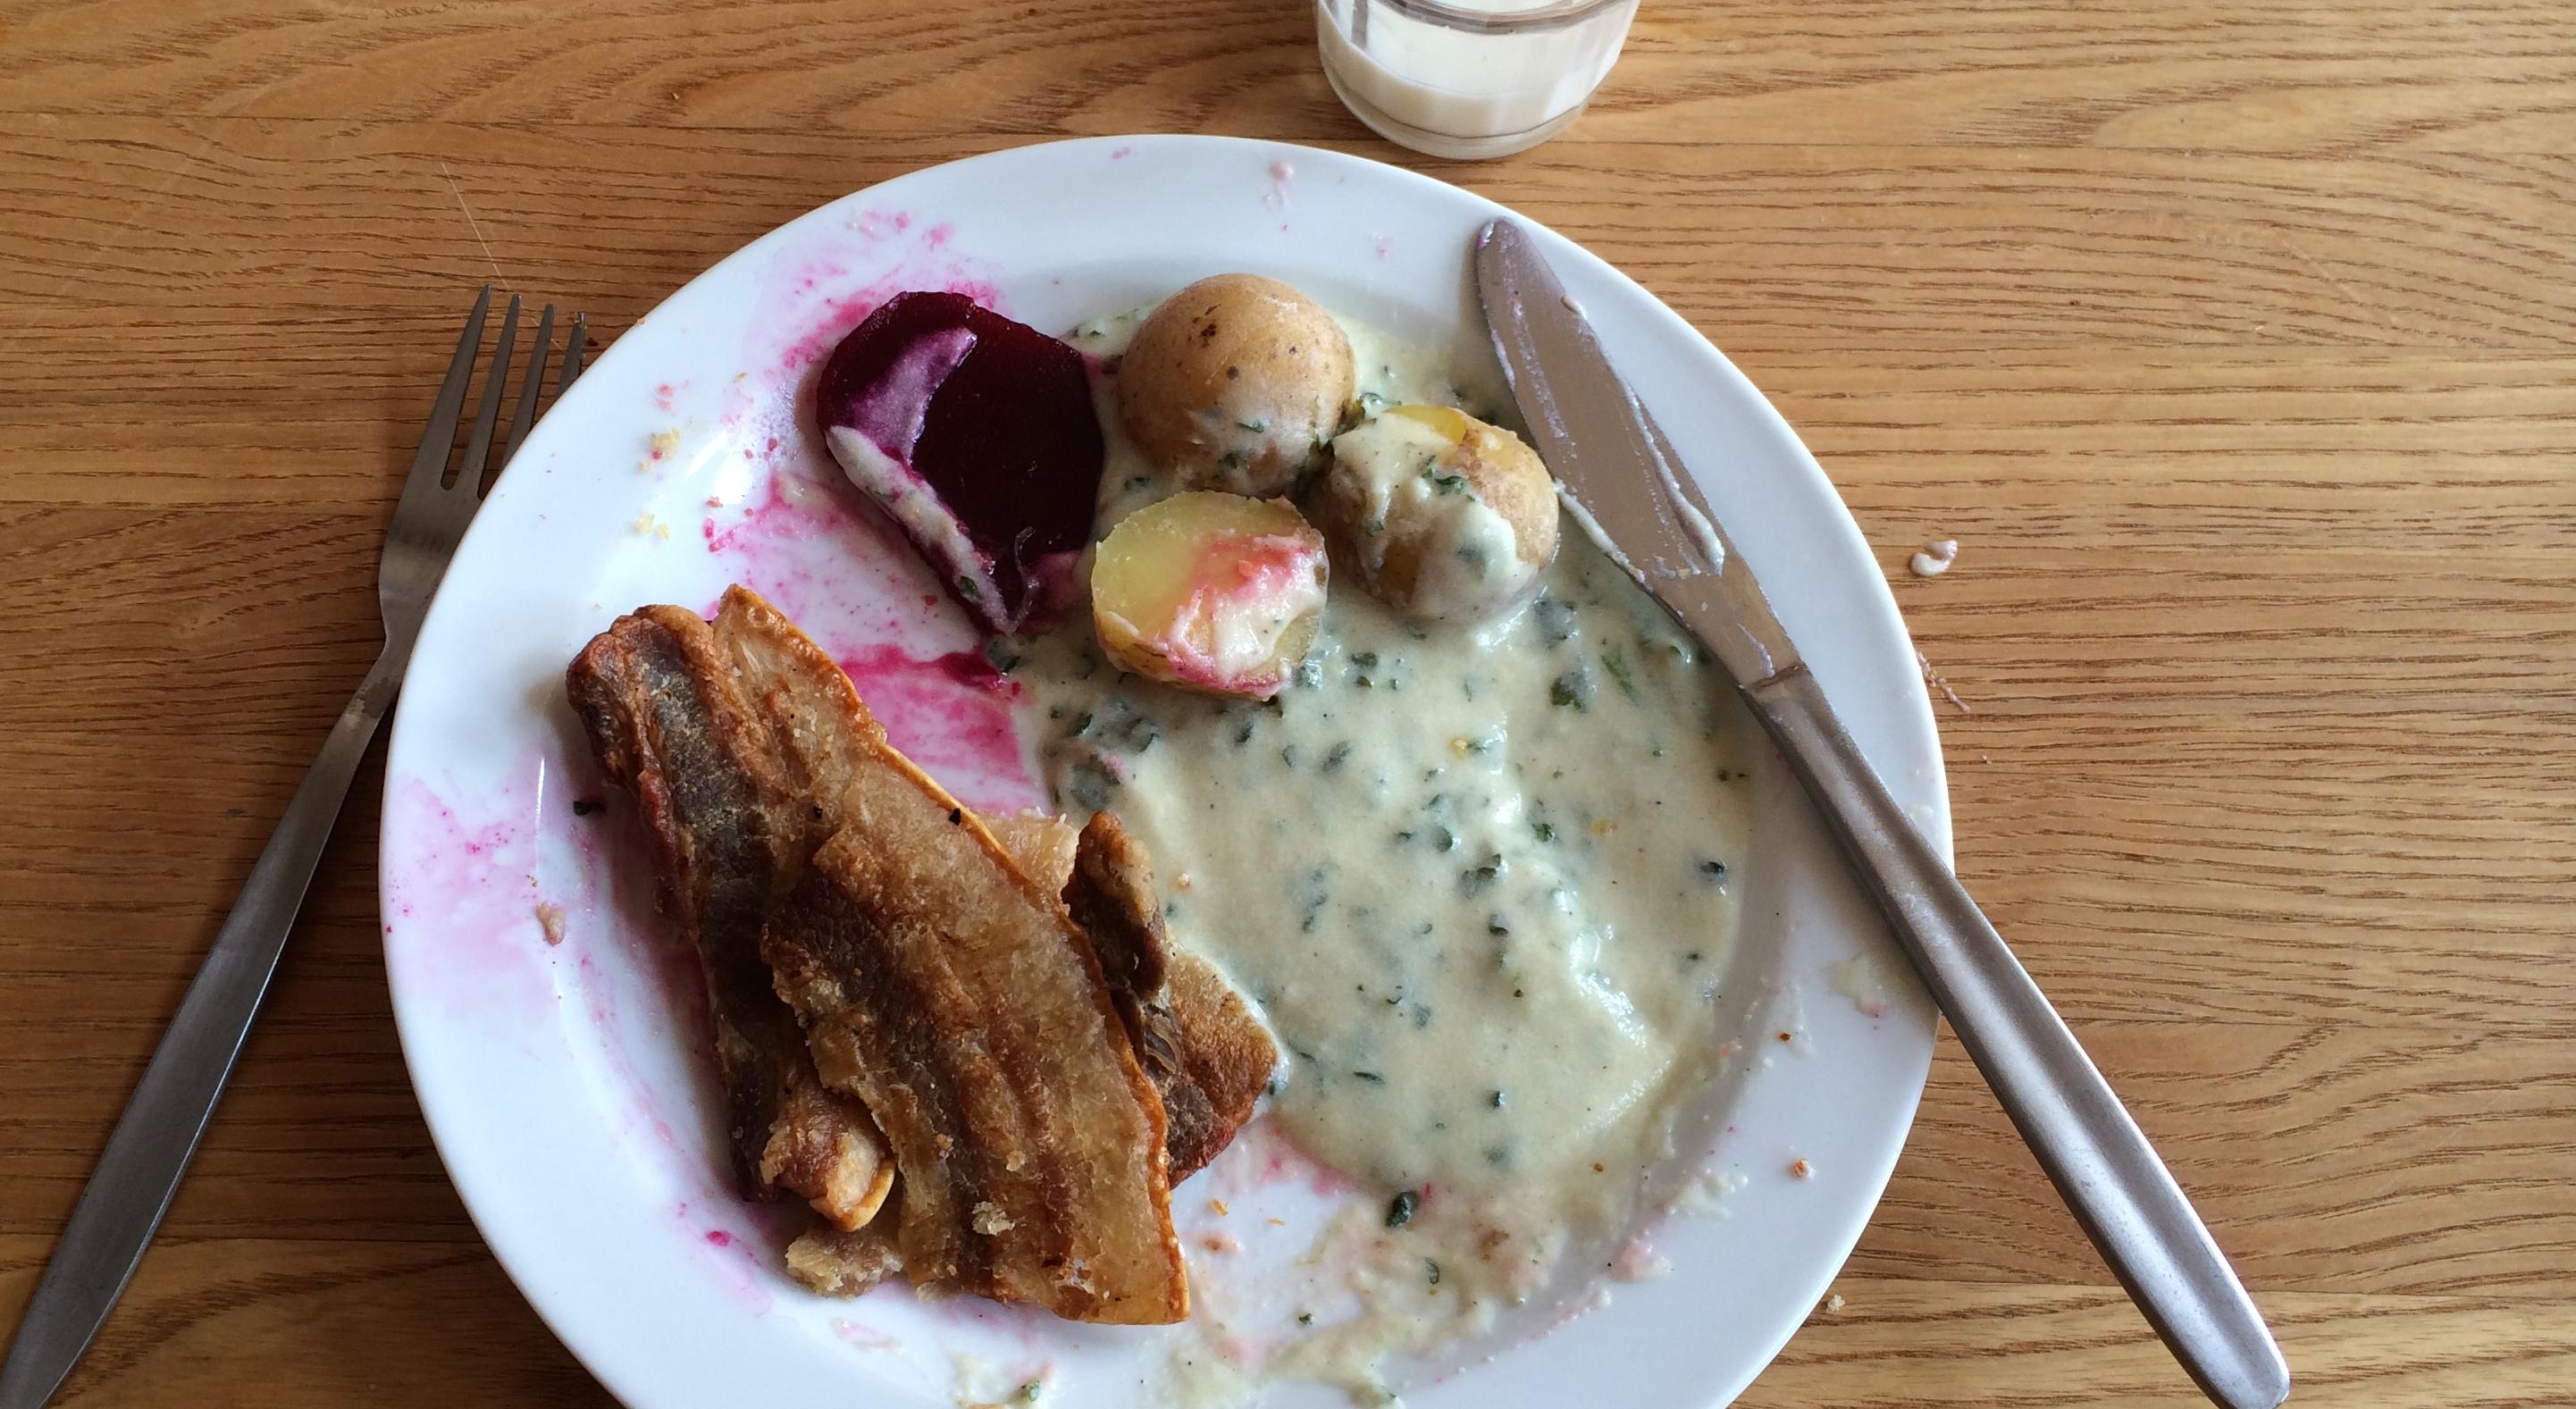 Stegt flæsk med kartofler og persillesovs. Skønt et hav af nye madtrends stadig en populær ret i store dele af befolkningen. Og en klar trussel mod konkurrenceevnen.